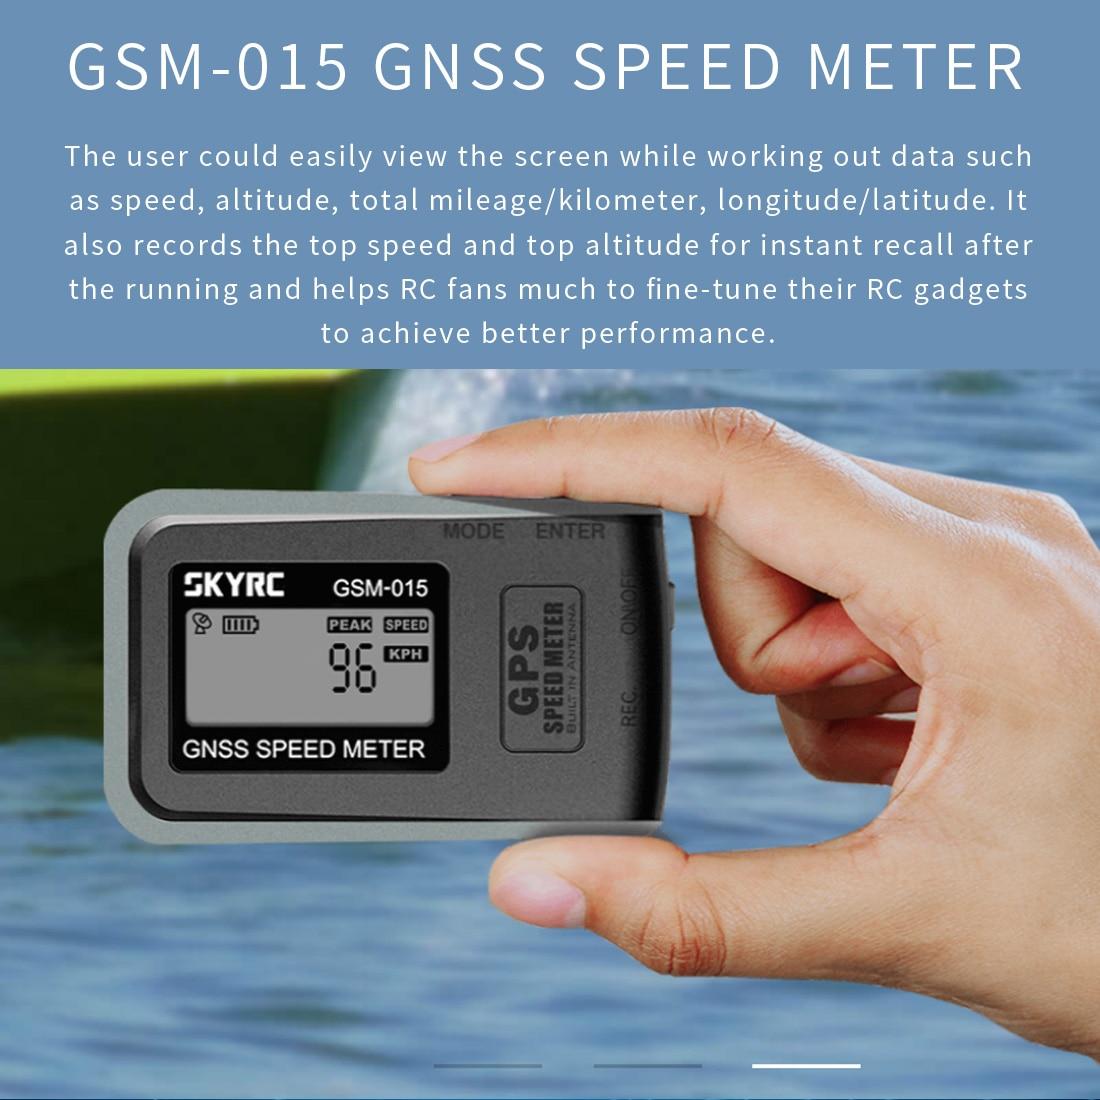 SKYRC GNSS GPS سرعة متر GSM 015 عالية الدقة GPS عداد السرعة ل RC الطائرة بدون طيار FPV Multirotor Quadcopter طائرة هليكوبتر-في قطع غيار وملحقات من الألعاب والهوايات على  مجموعة 1